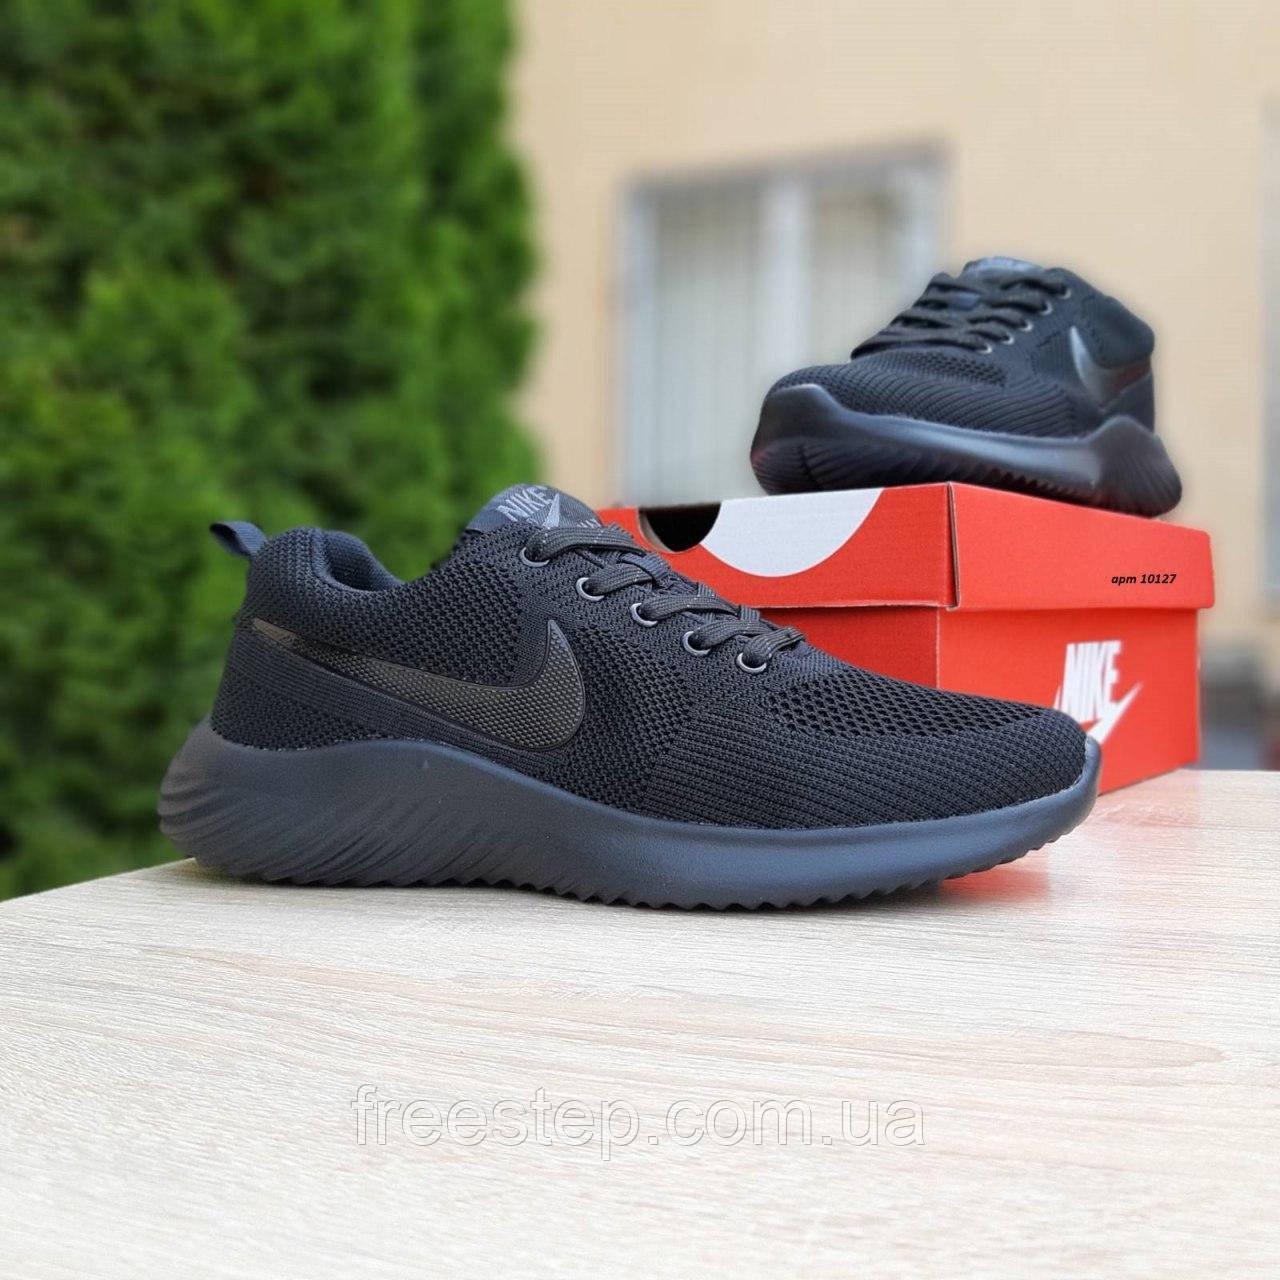 Чоловічі кросівки в стилі NIKE Air Max чорні